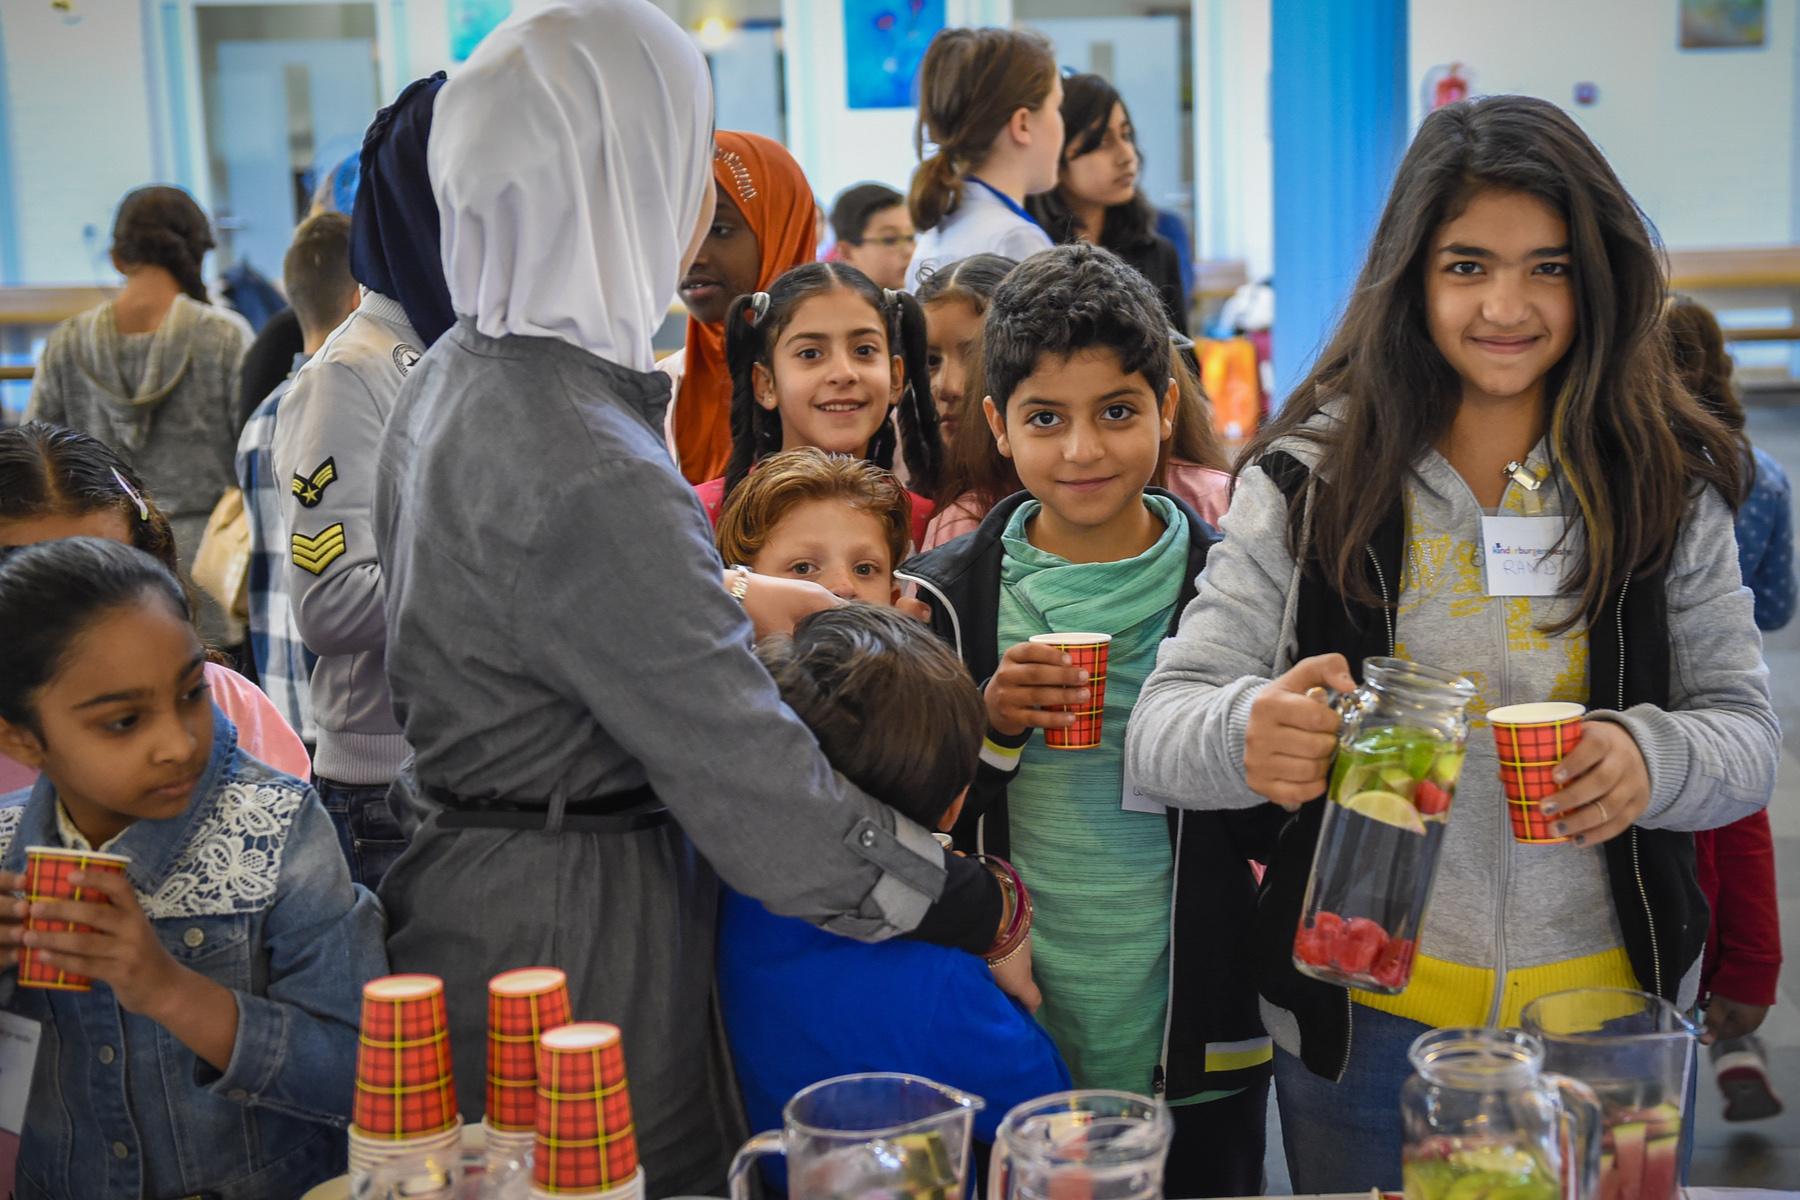 Refugee children in Aalsmeer, the Netherlands